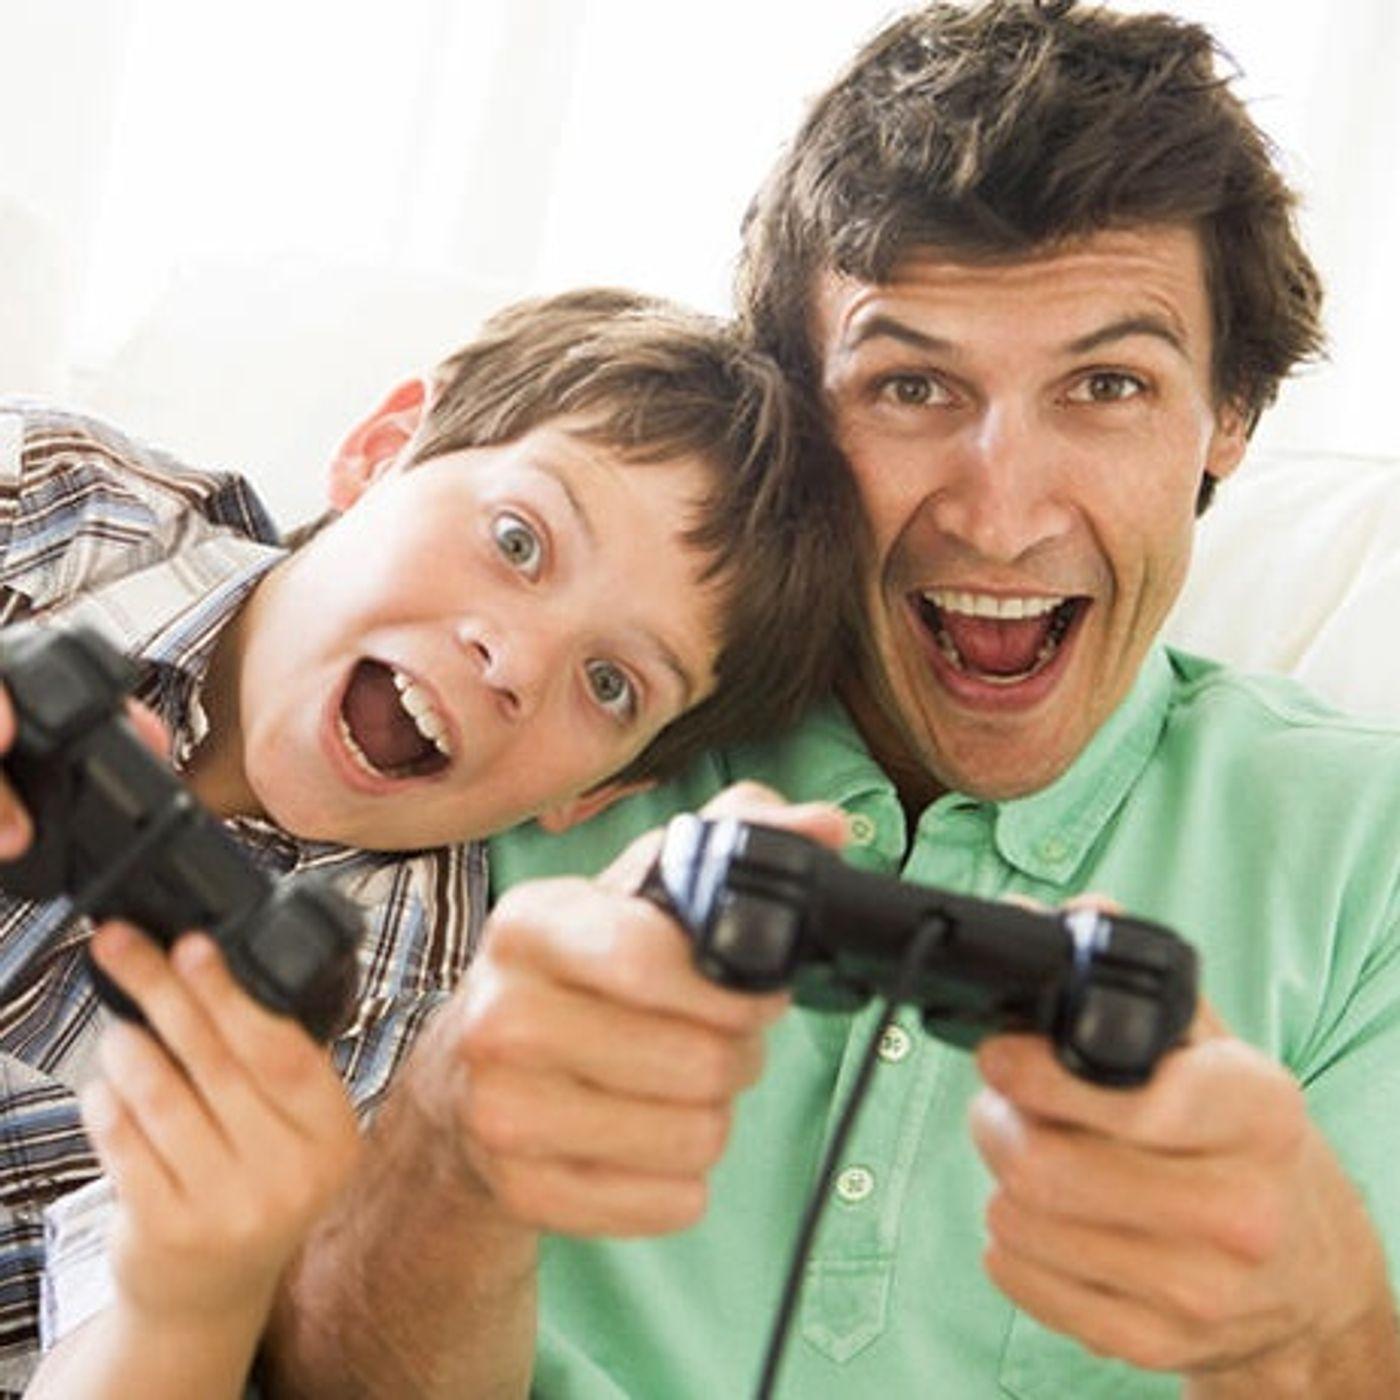 095 - PlayStation: la revolución del entretenimiento y el ocio